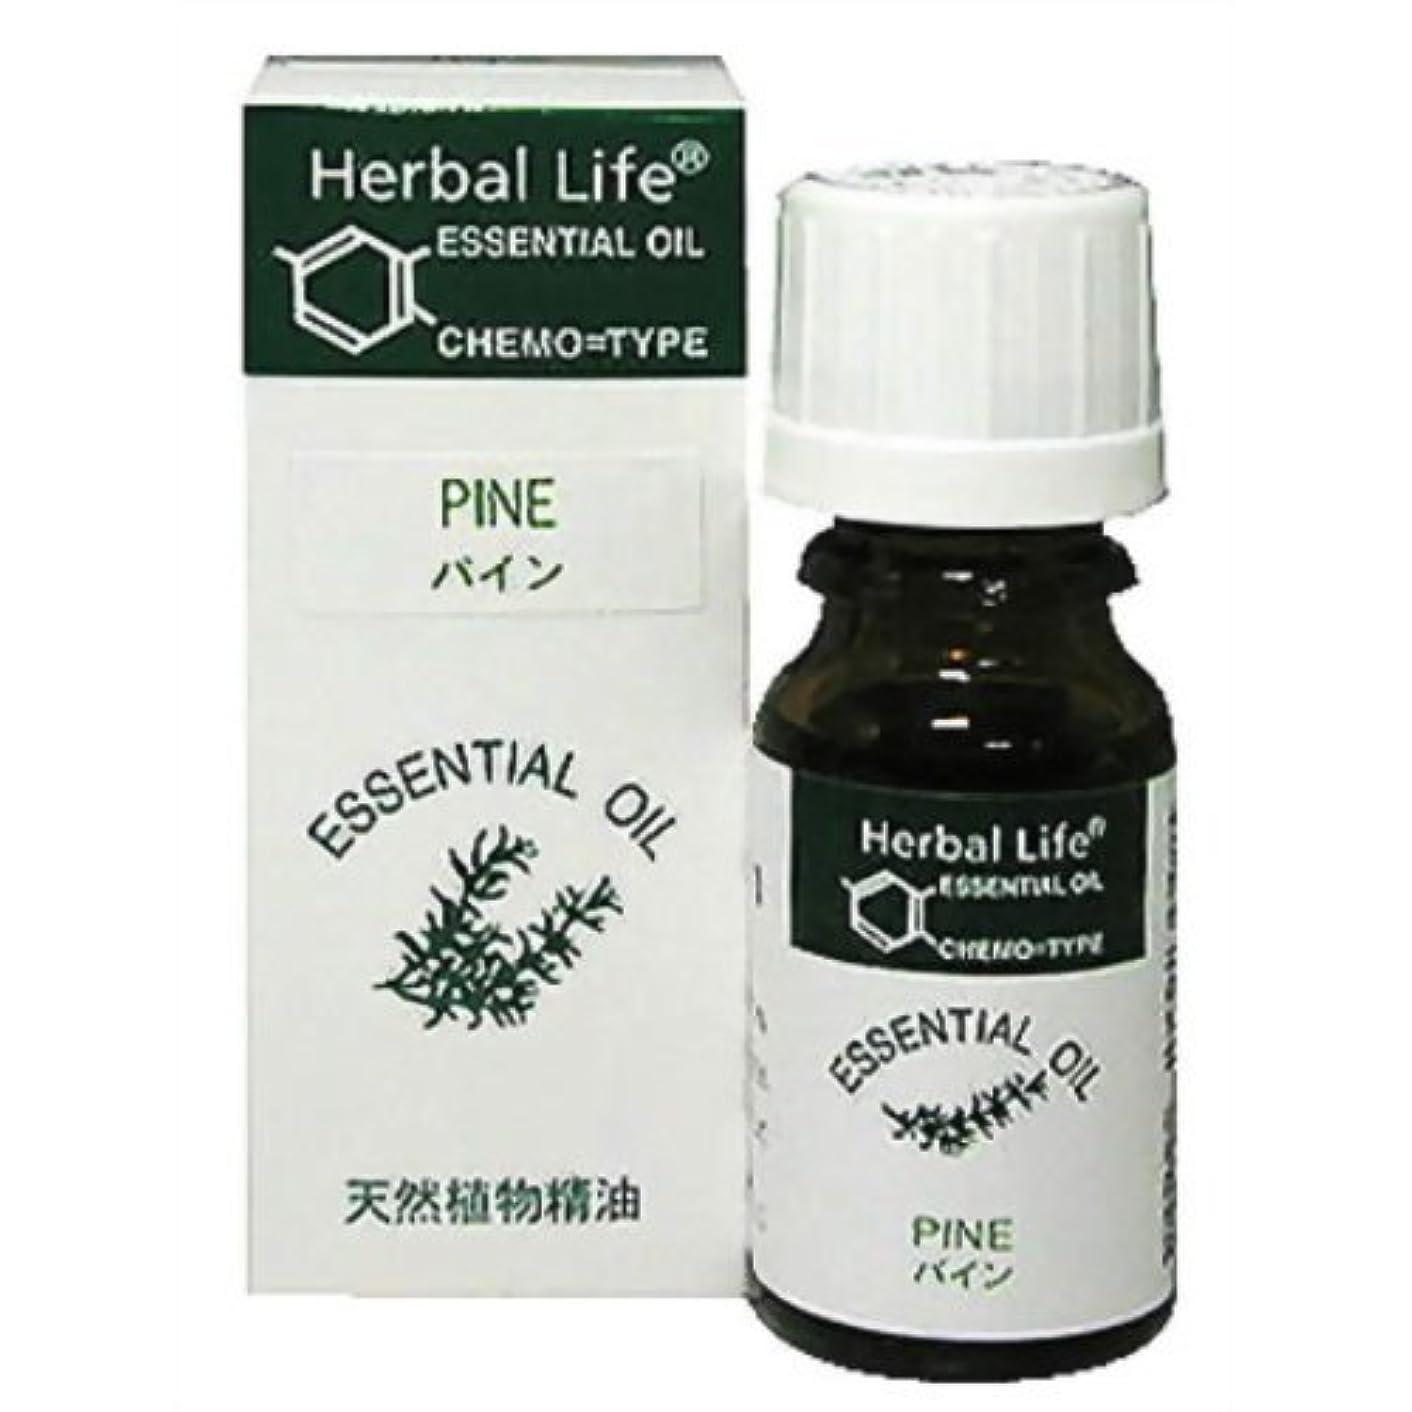 ニュージーランド地下鉄攻撃Herbal Life パイン 10ml